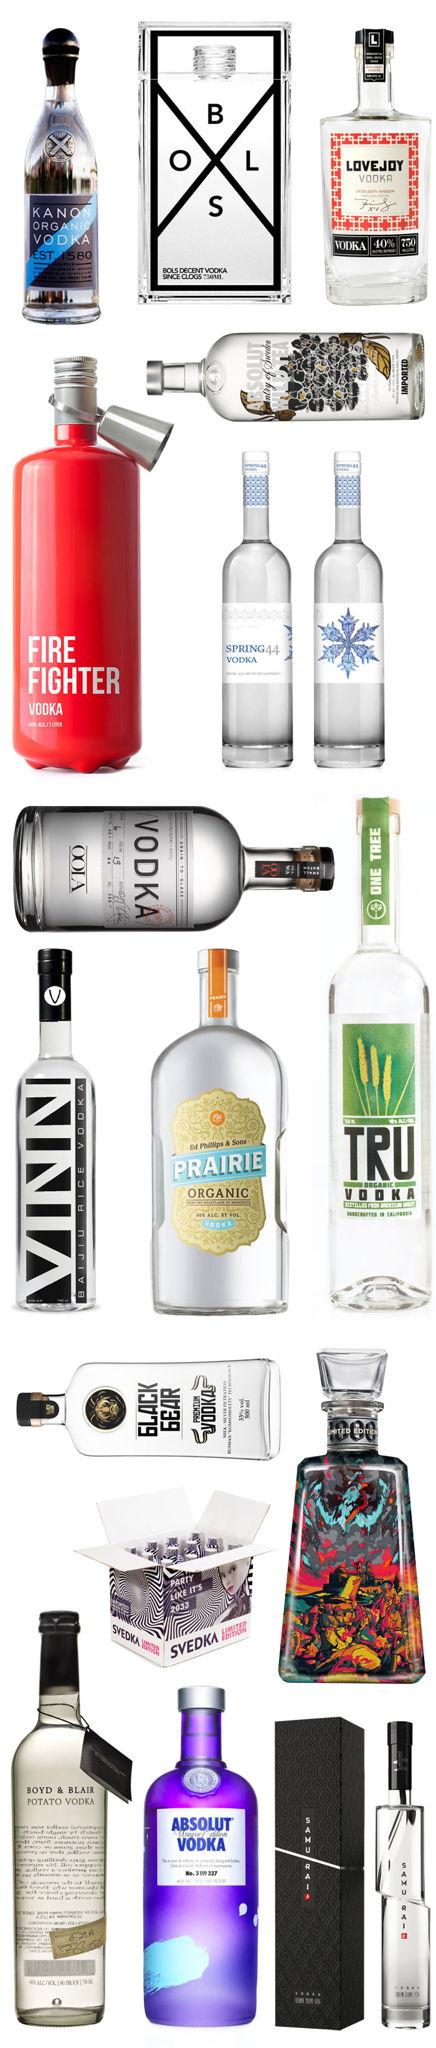 10 03 12 vodka1